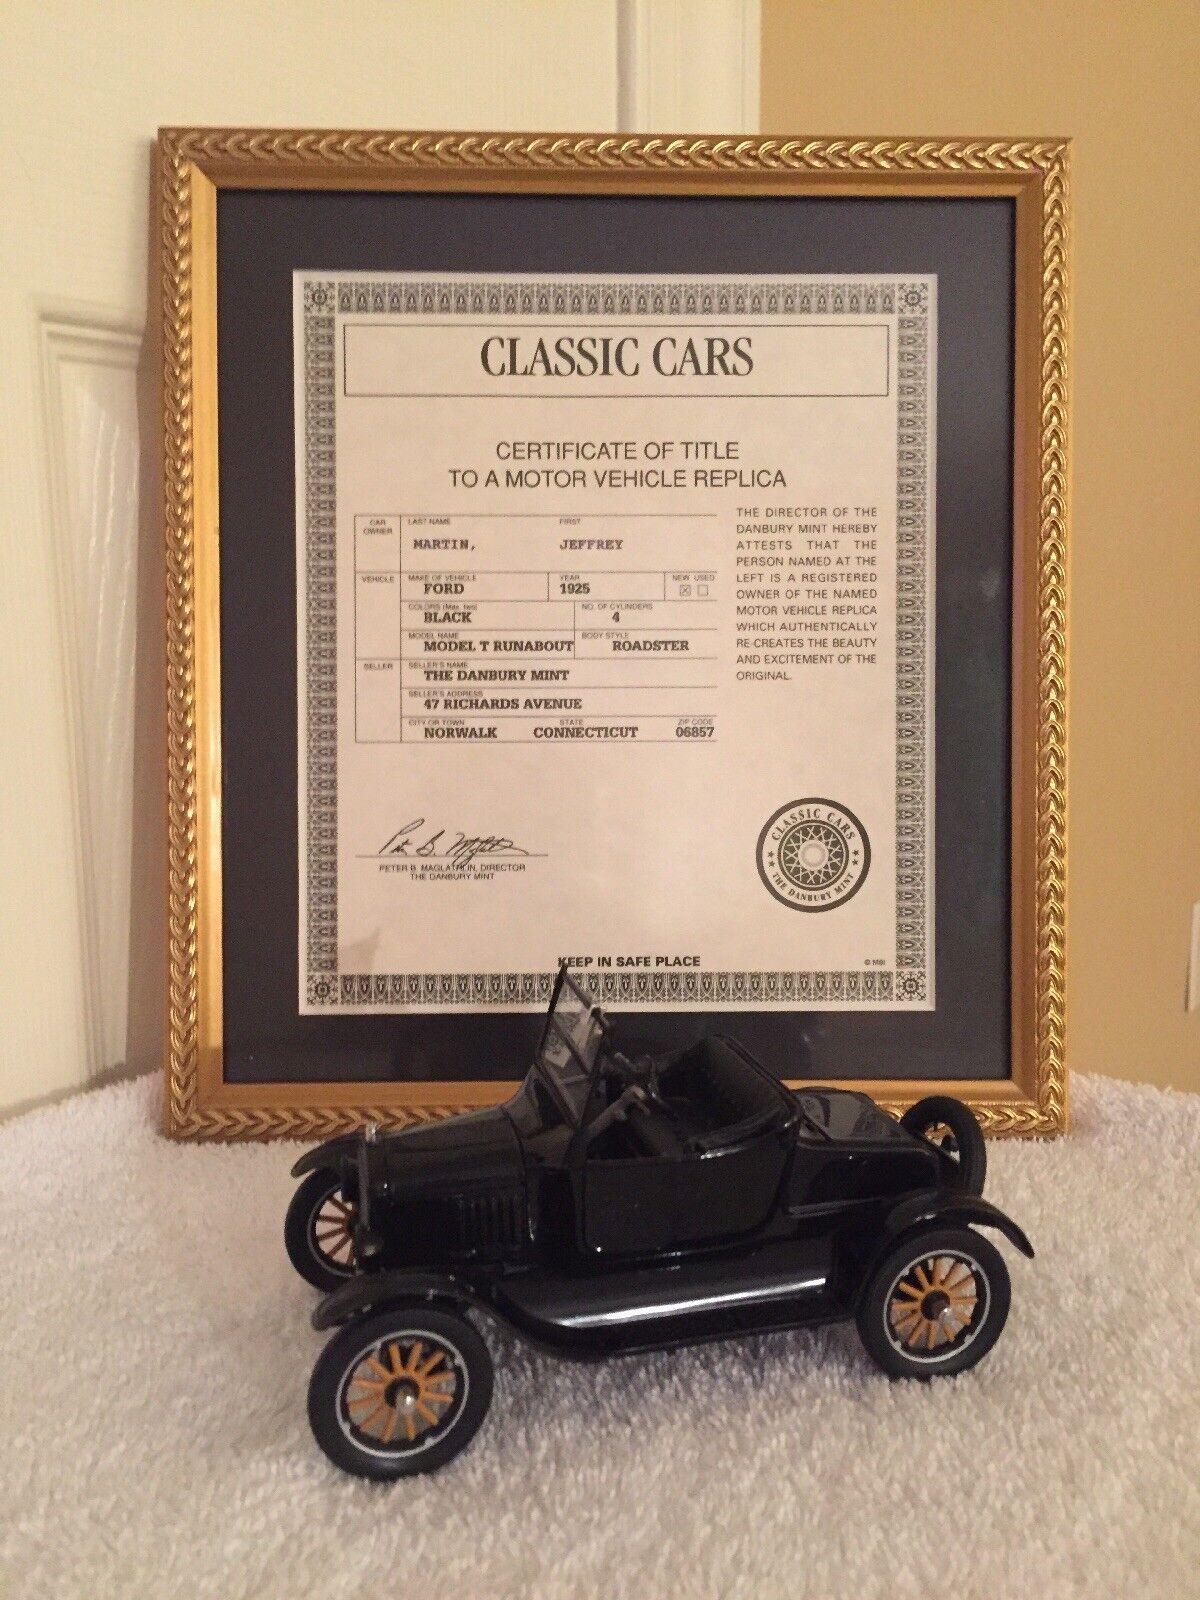 Von minze, 1925 modell t shuttle, roadster, neuwertiger zustand